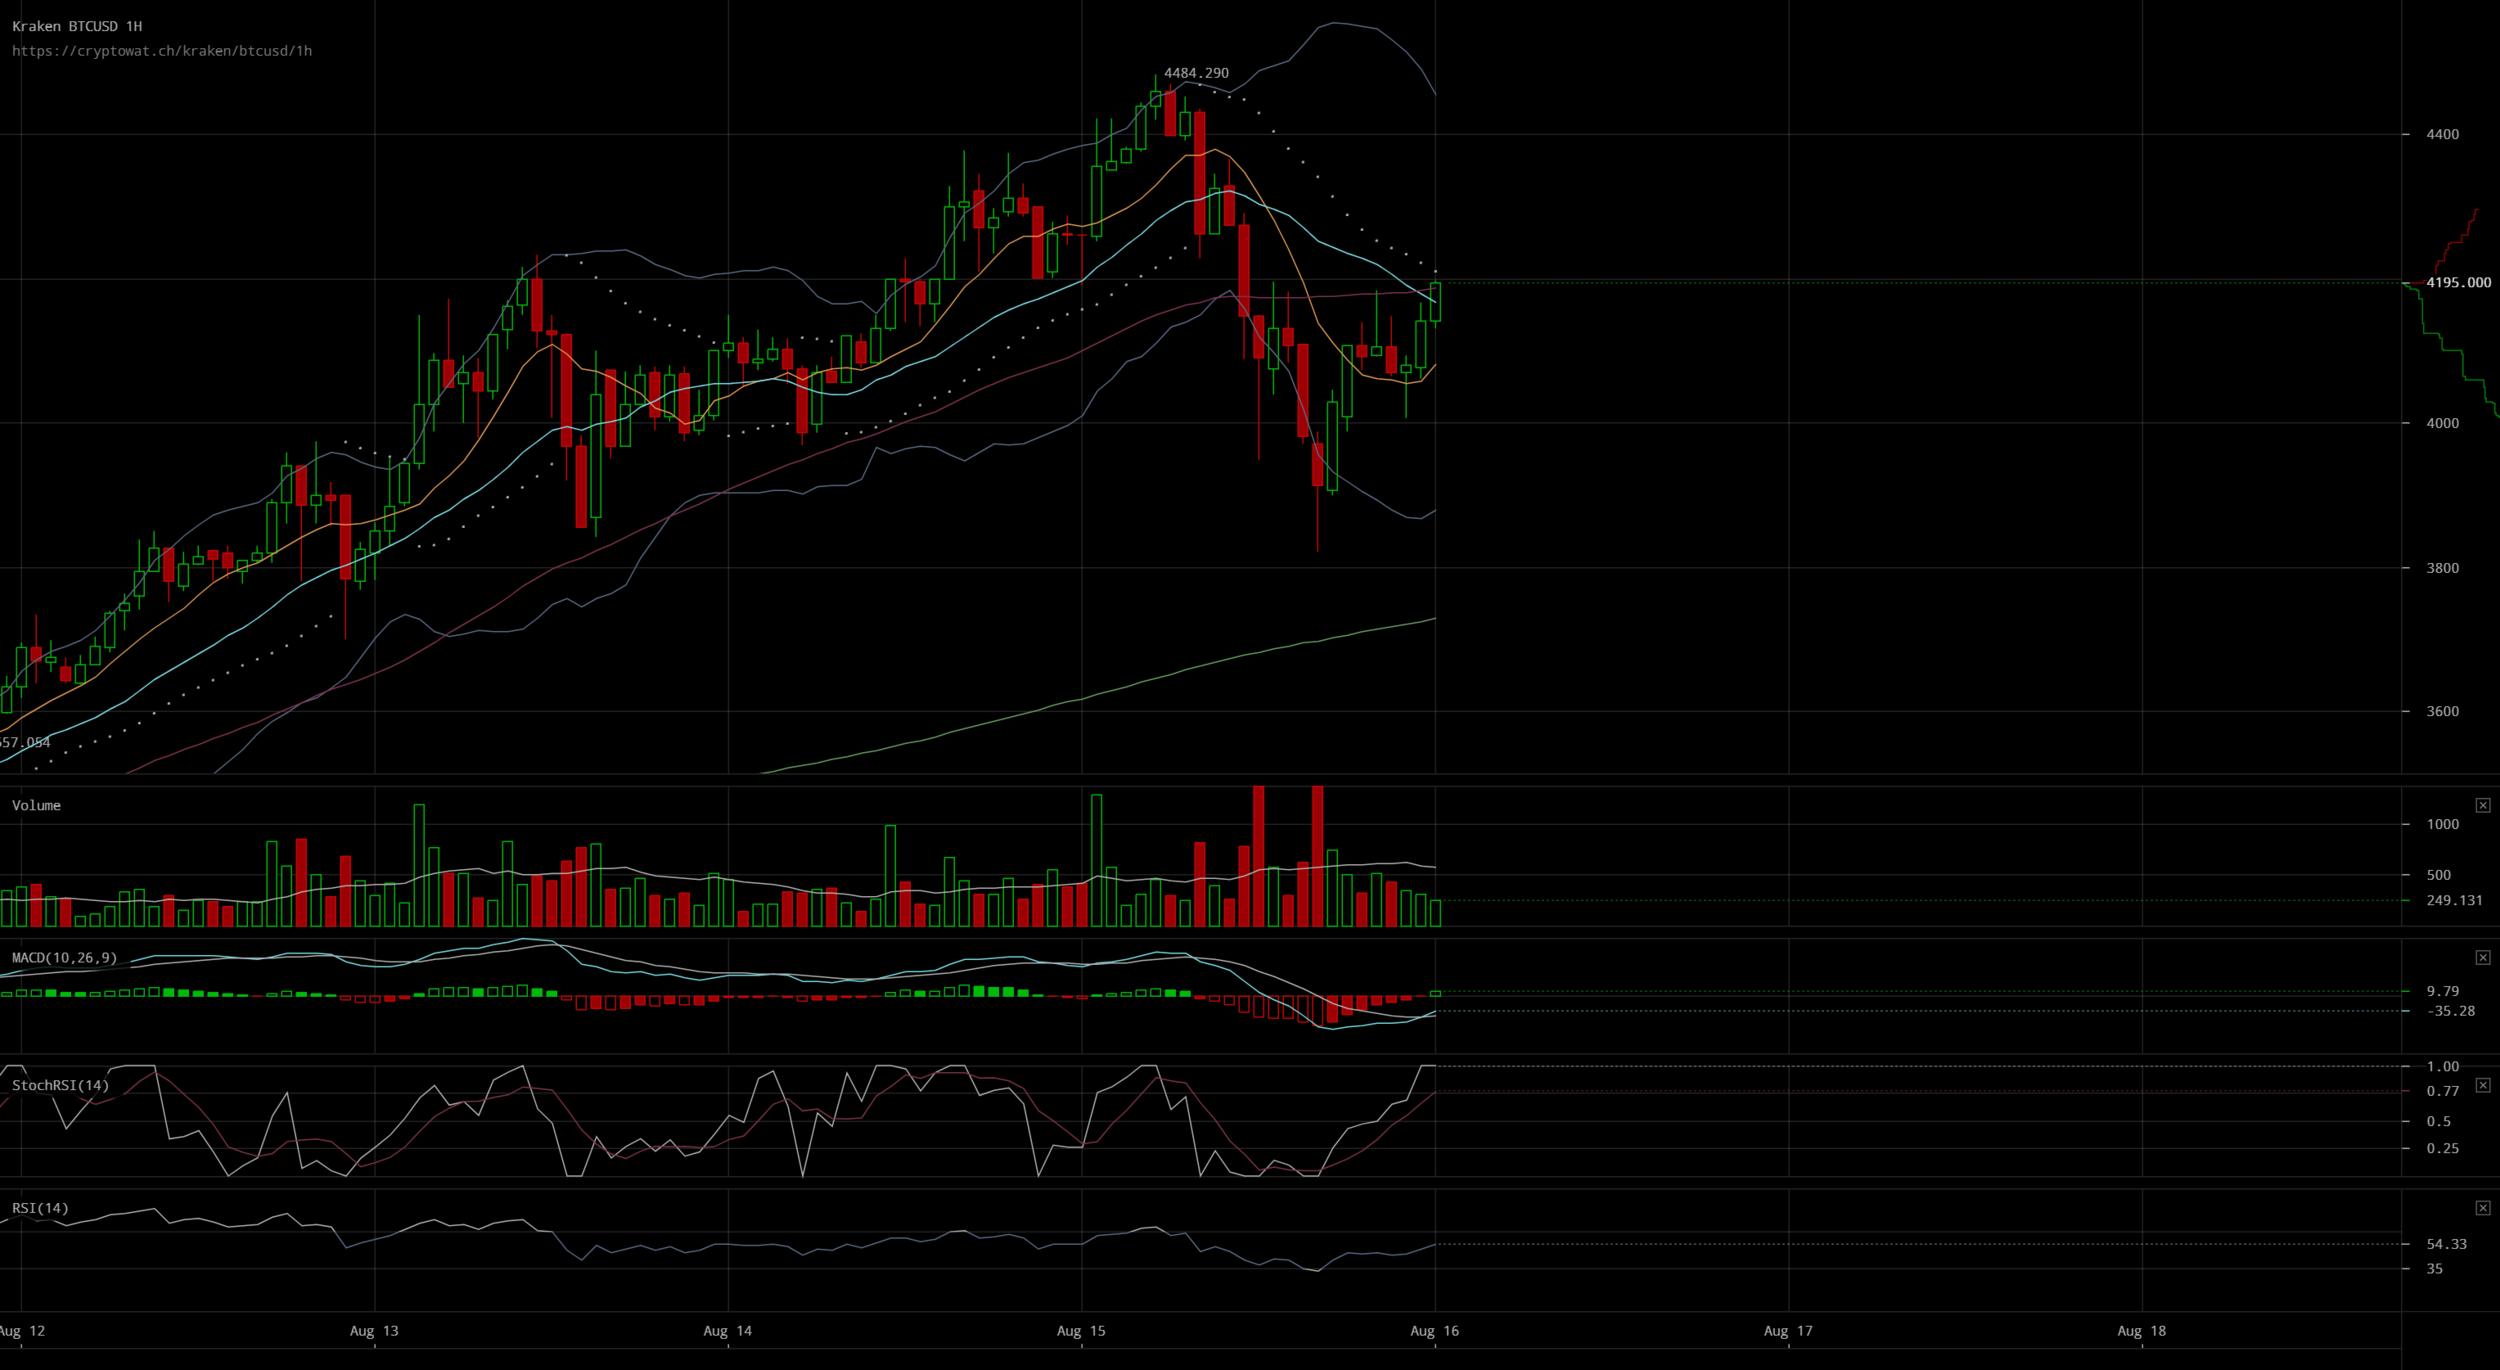 Bitcoin price vs. USD back on track